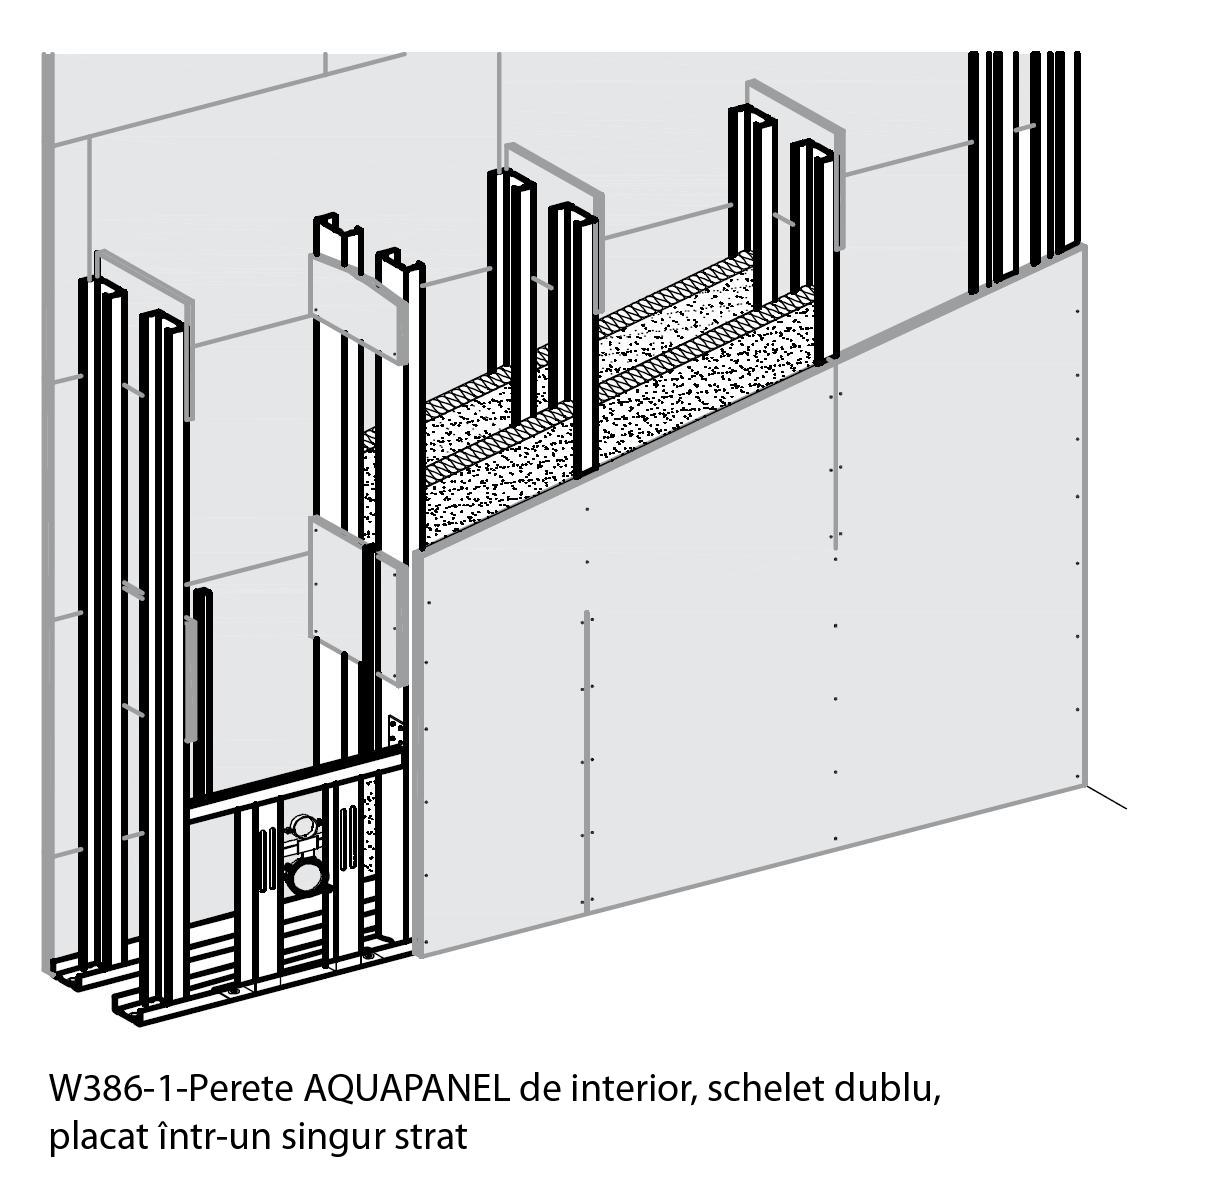 Sisteme de pereti de interior cu placi pe baza de ciment AQUAPANEL AQUAPANEL - Poza 1